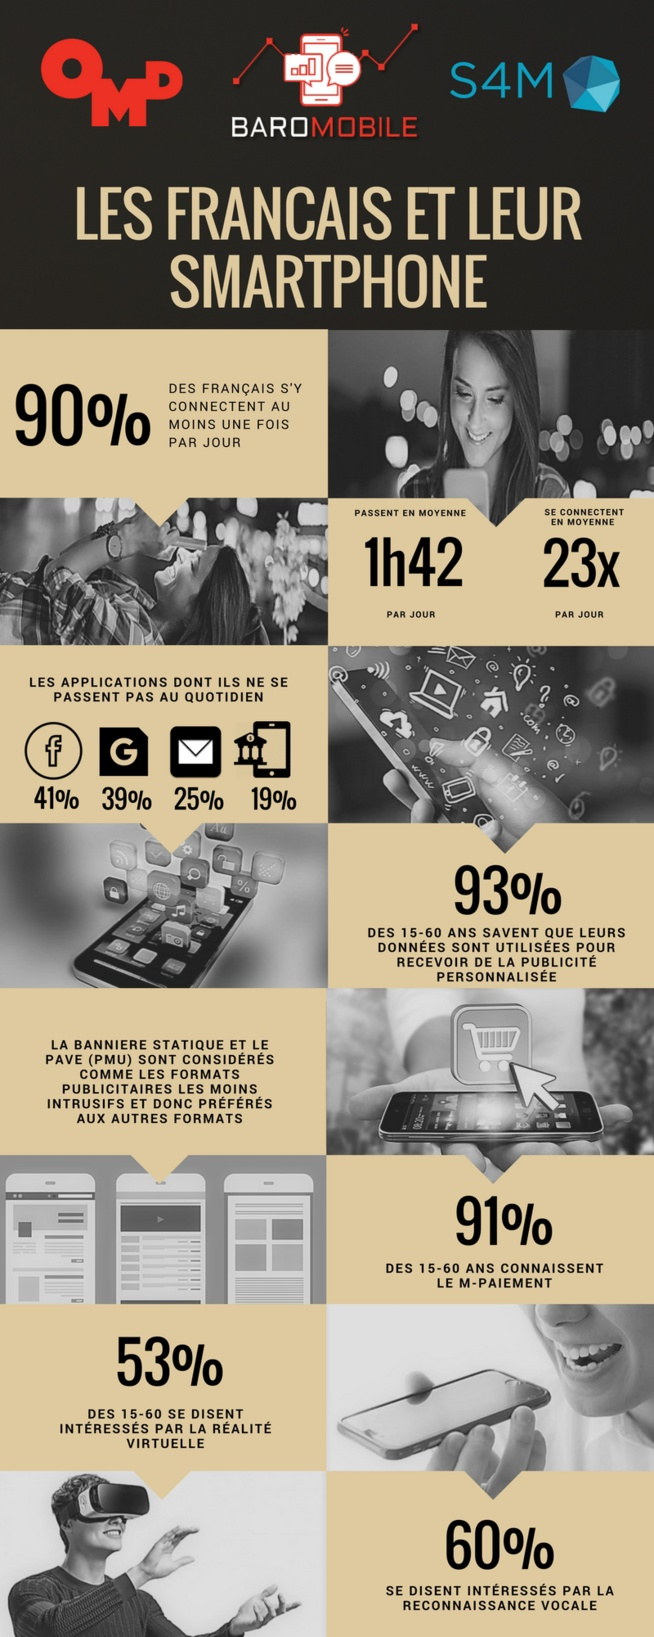 93% des mobinautes savent que leurs données sont utilisées pour de la publicité ciblée